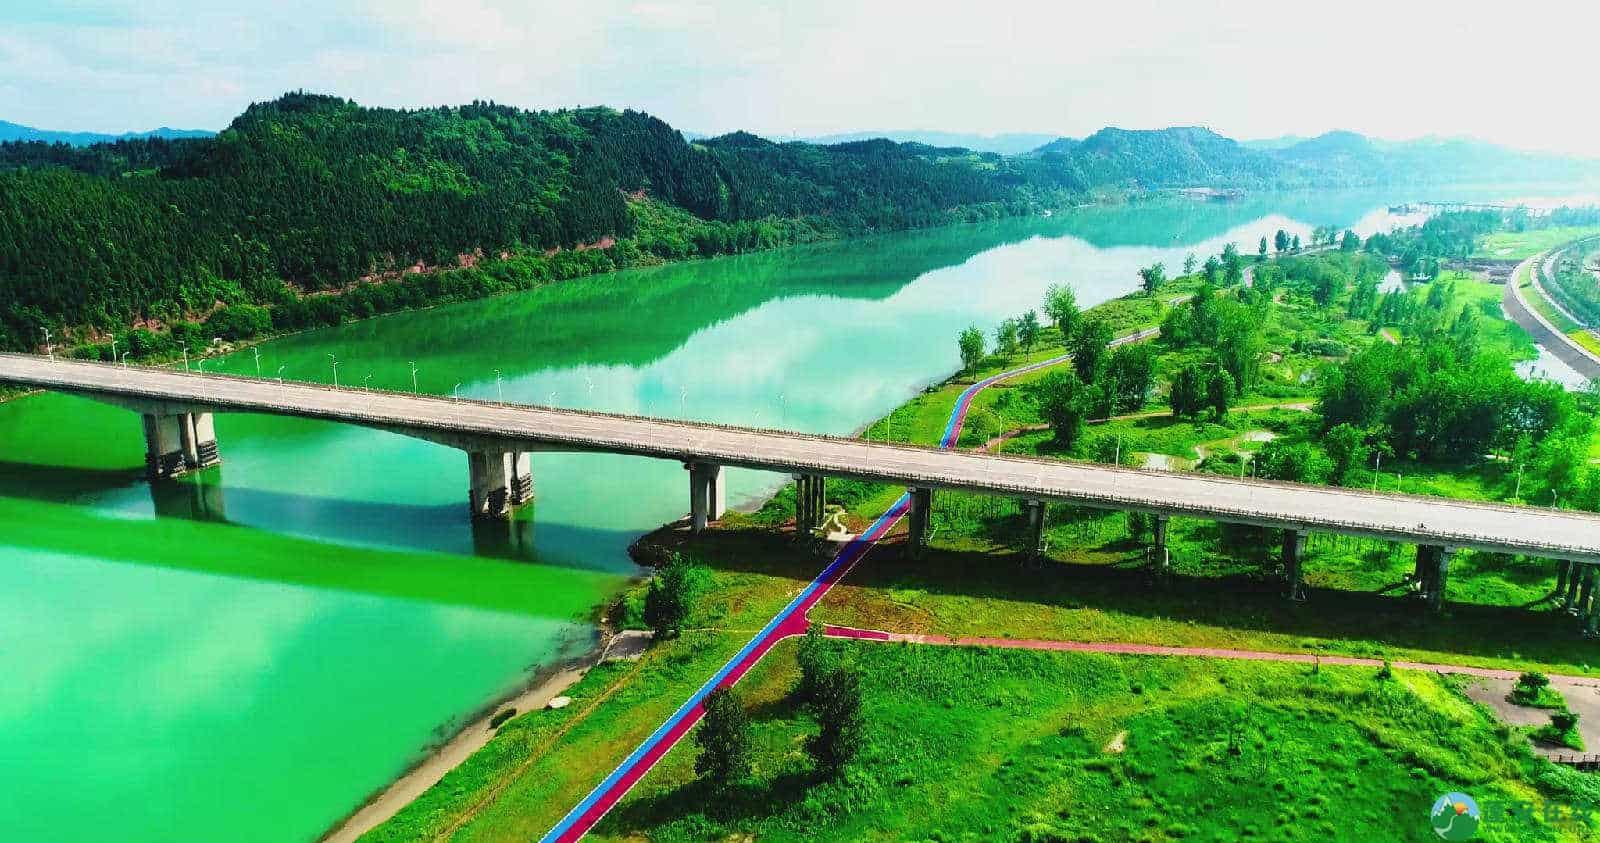 蓬安锦屏湿地公园双色跑道 - 第7张  | 蓬安在线